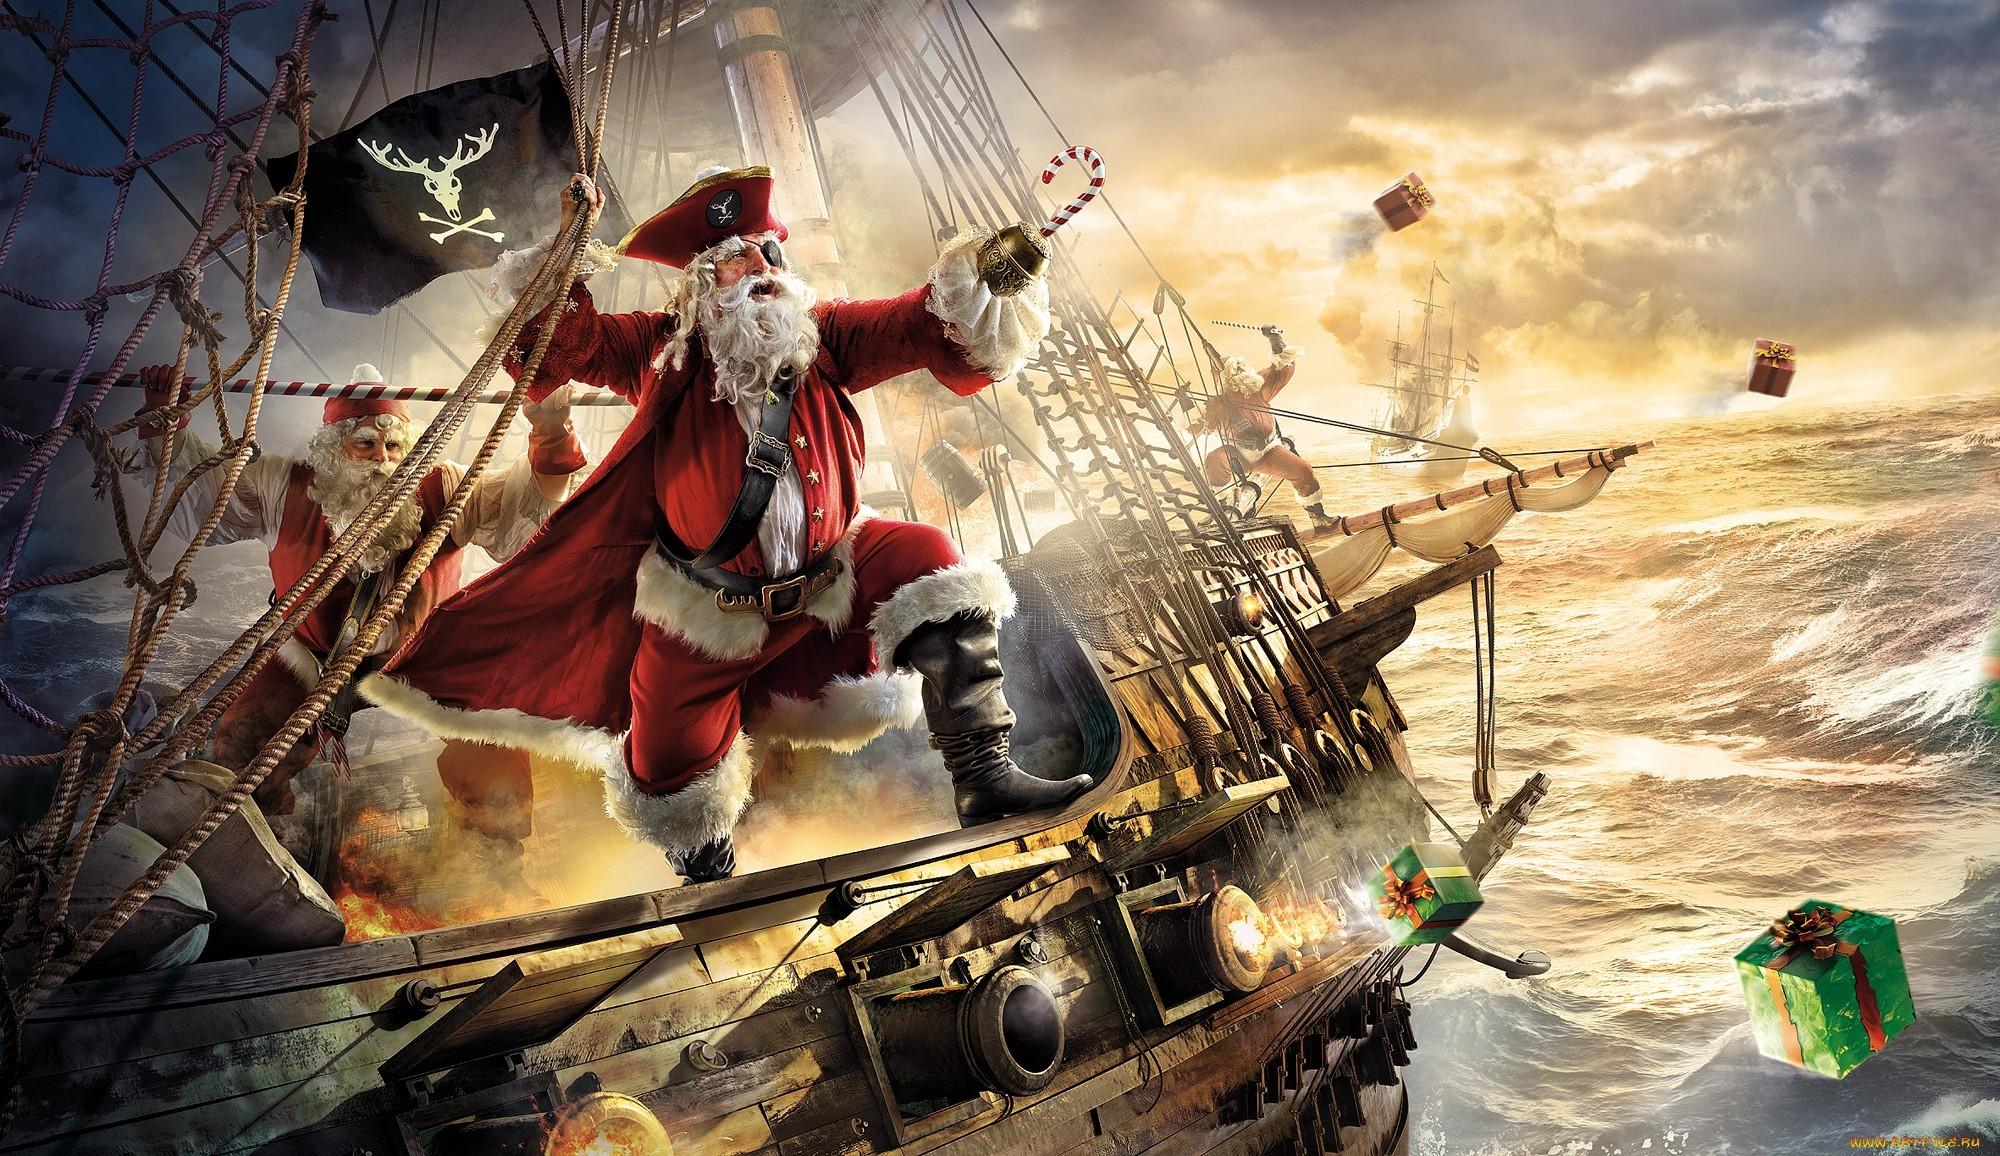 Лучшие заставки и фоны Санта Клаус (Santa Claus) на мобильный